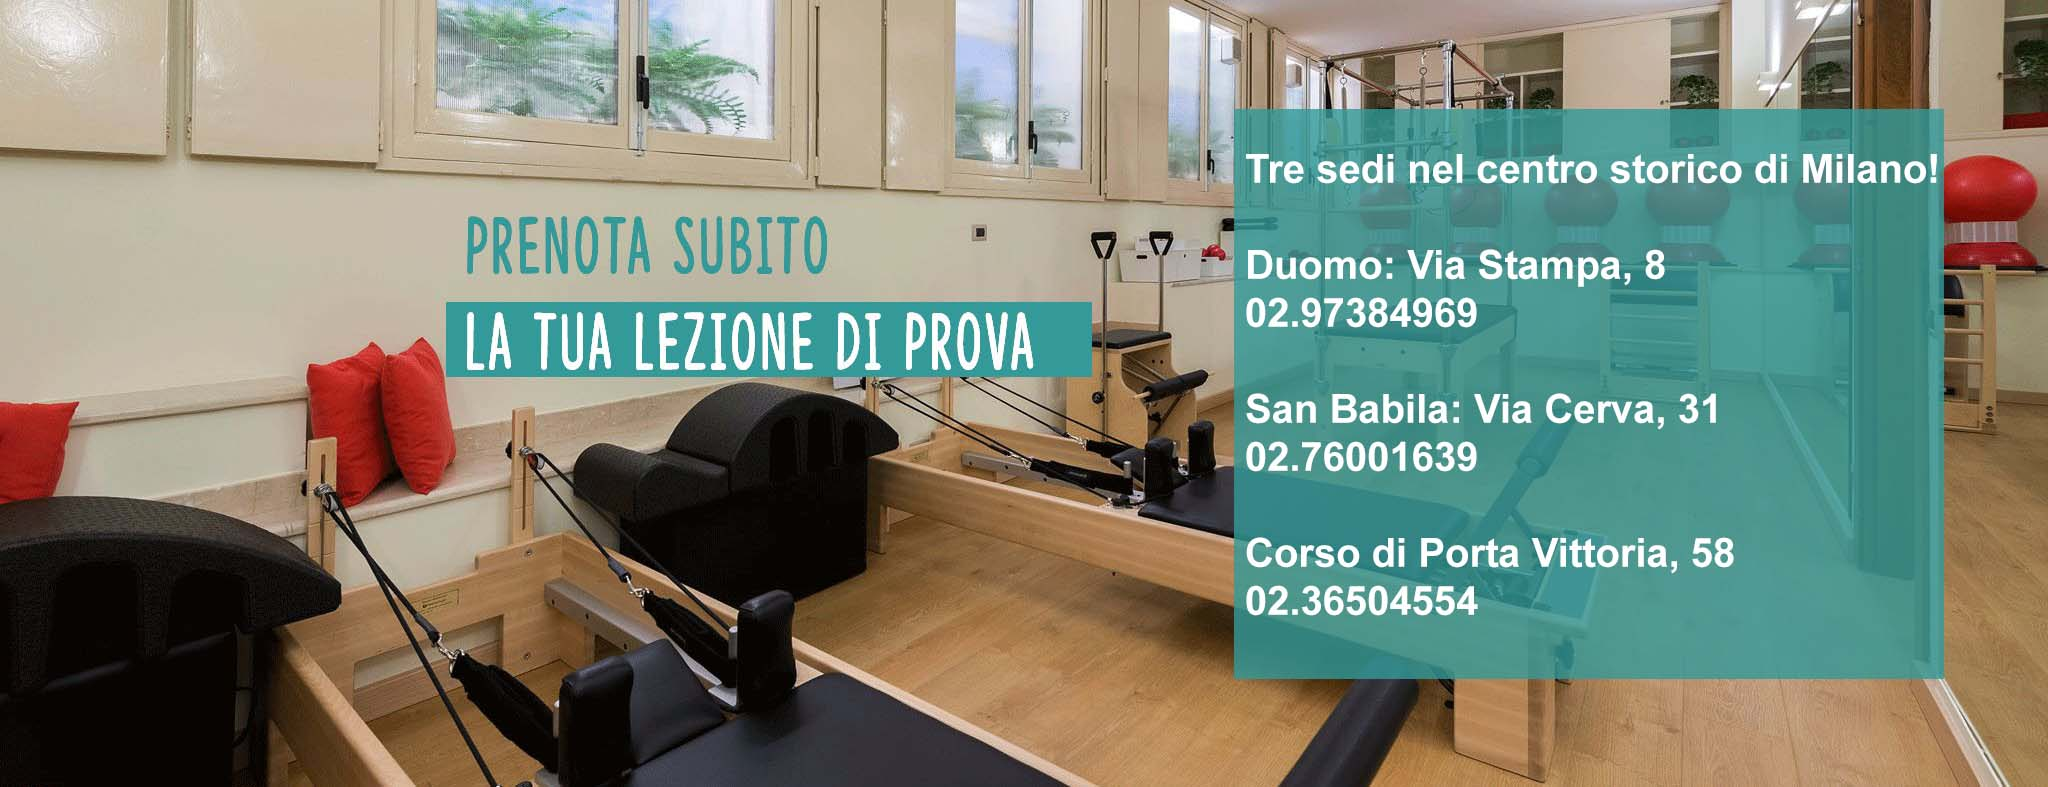 Corsi Di Pilates Arena Milano - Prenota subito la tua lezione di prova